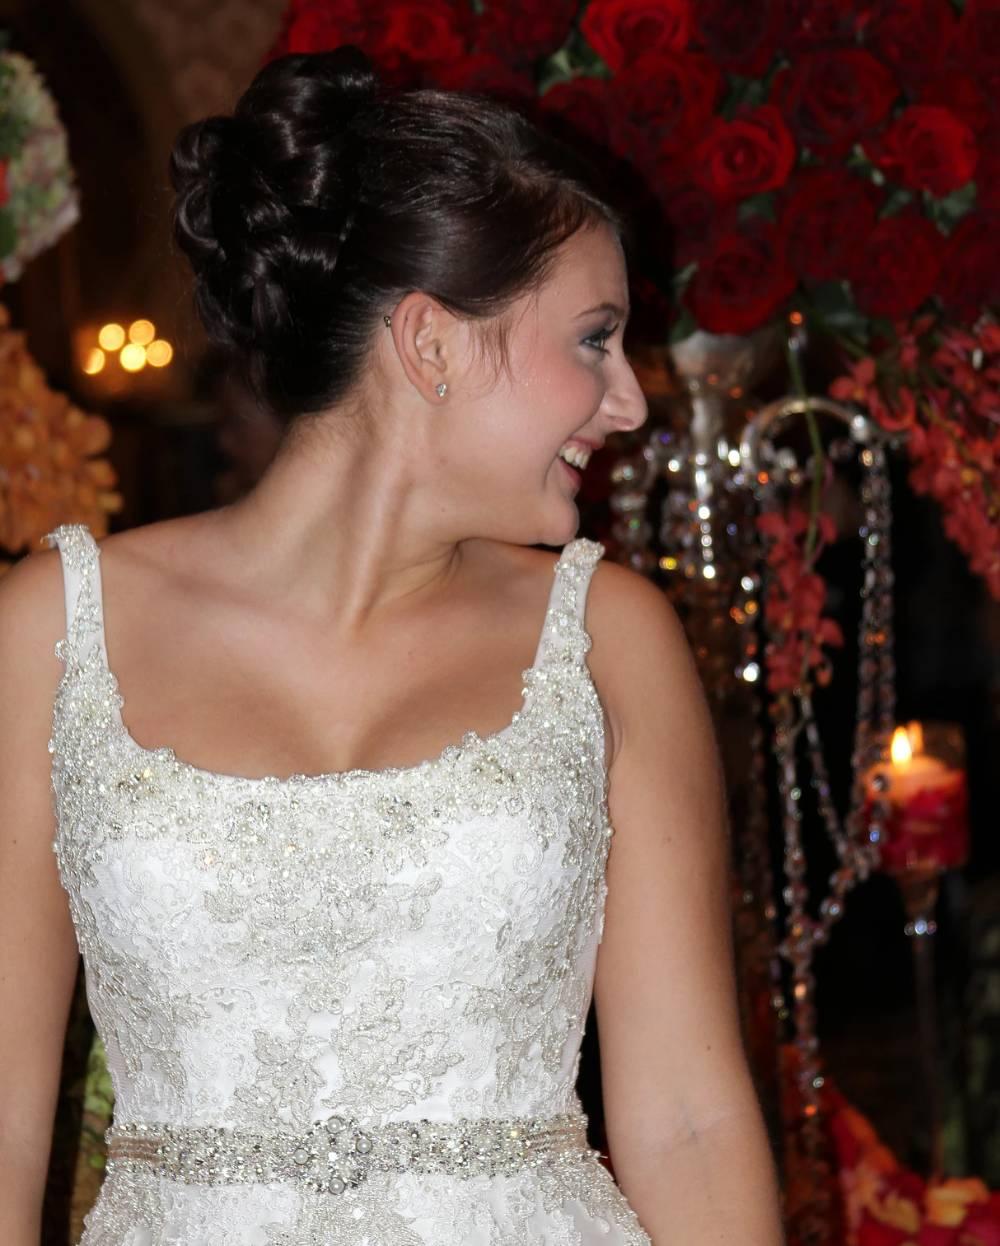 deborah's bridal concepts - kenilworth, nj makeup artists - bridal